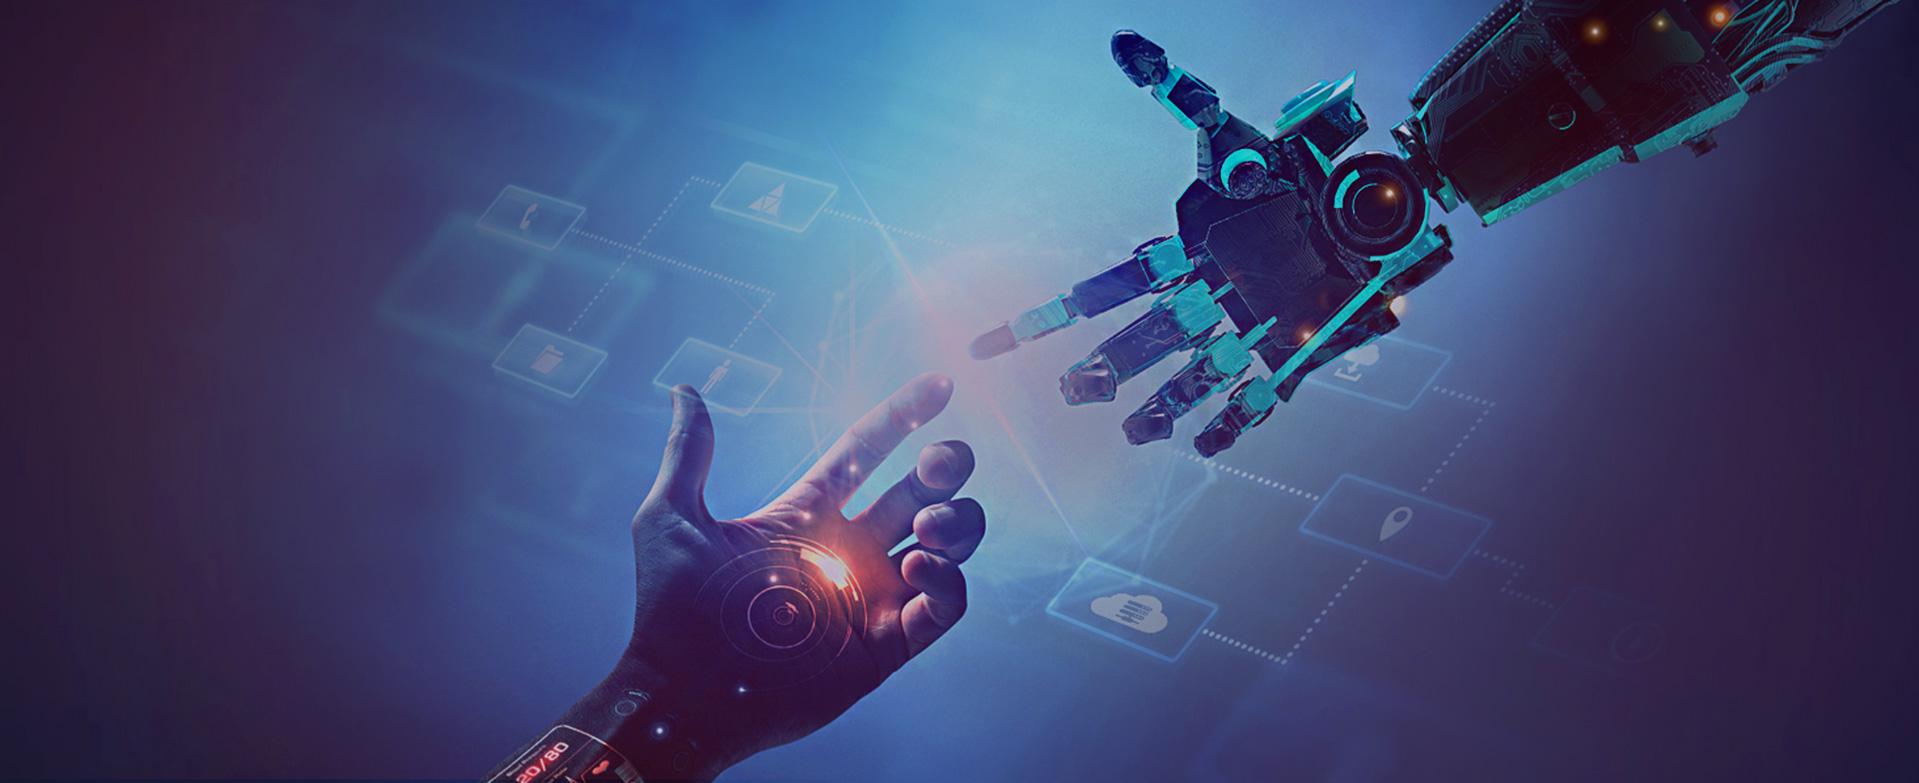 Искусственный интеллект в сети ЦОД опыт Huawei